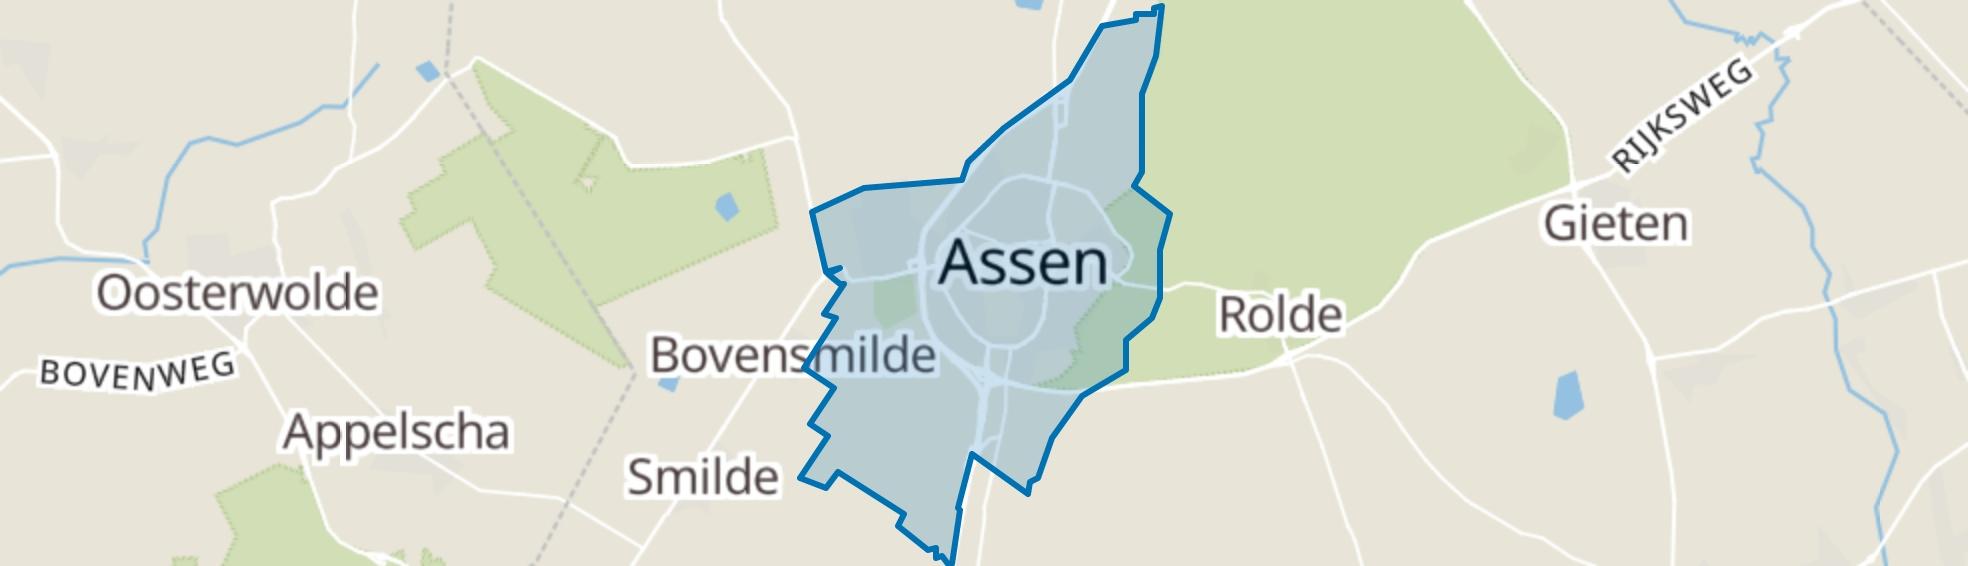 Assen map